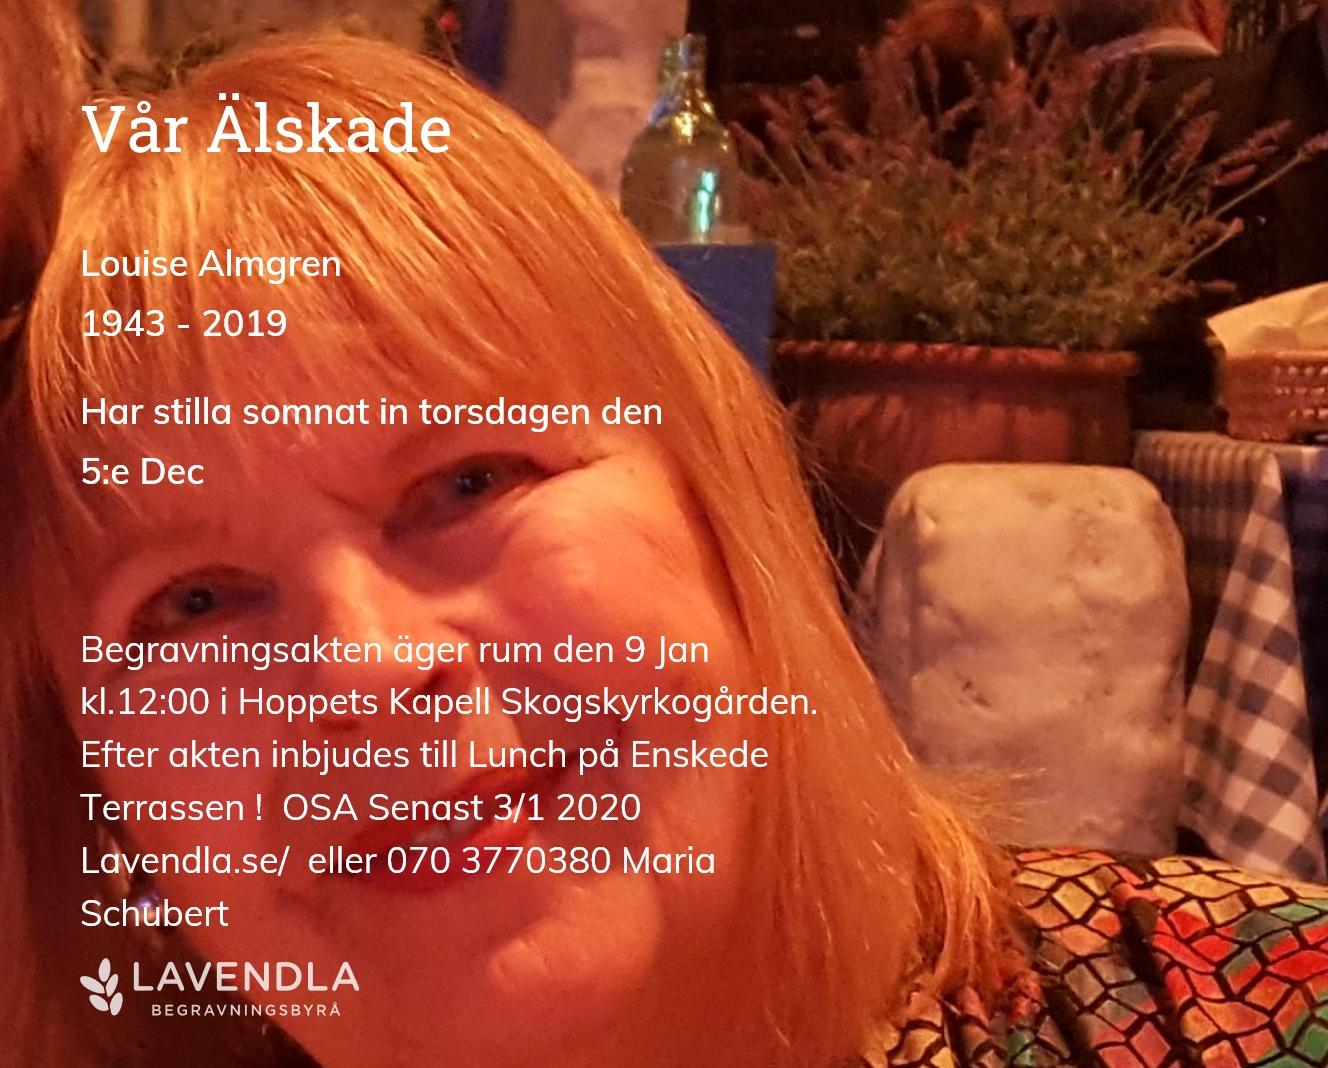 Inbjudningskort till ceremonin för Louise Almgren